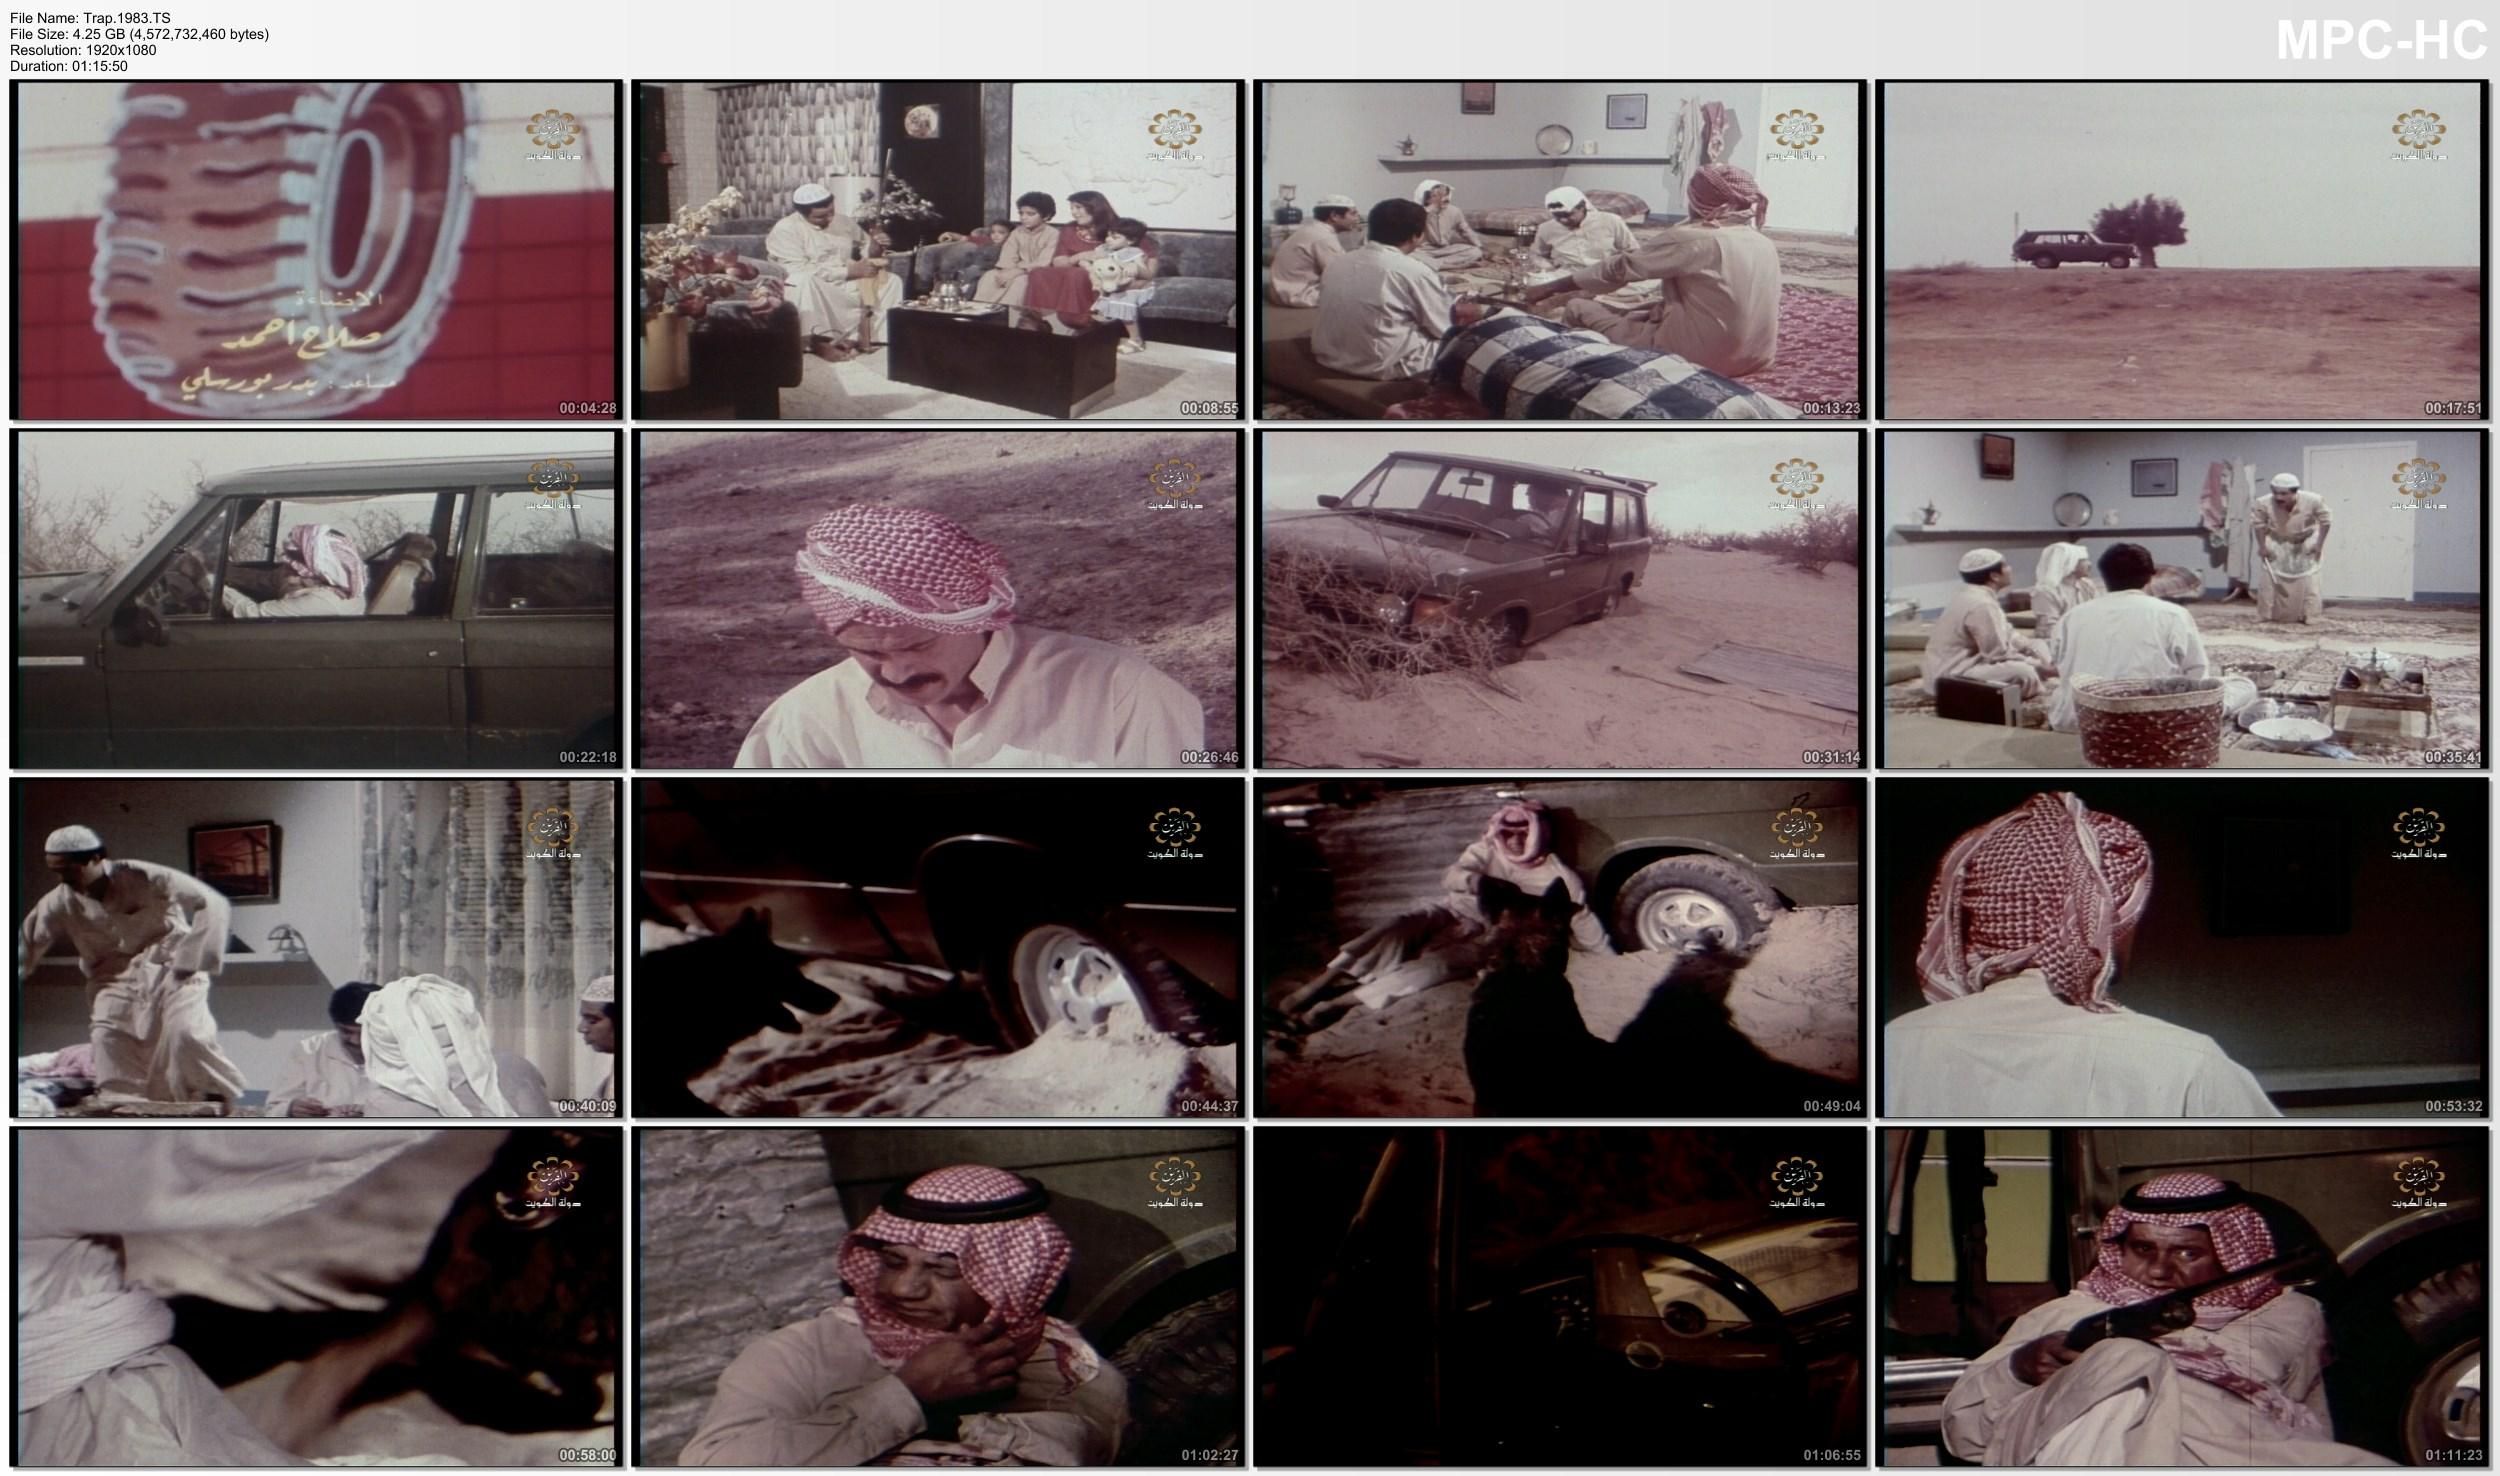 [فيلم][تورنت][تحميل][الفخ][1983][1080p][HDTV][كويتي] 5 arabp2p.com